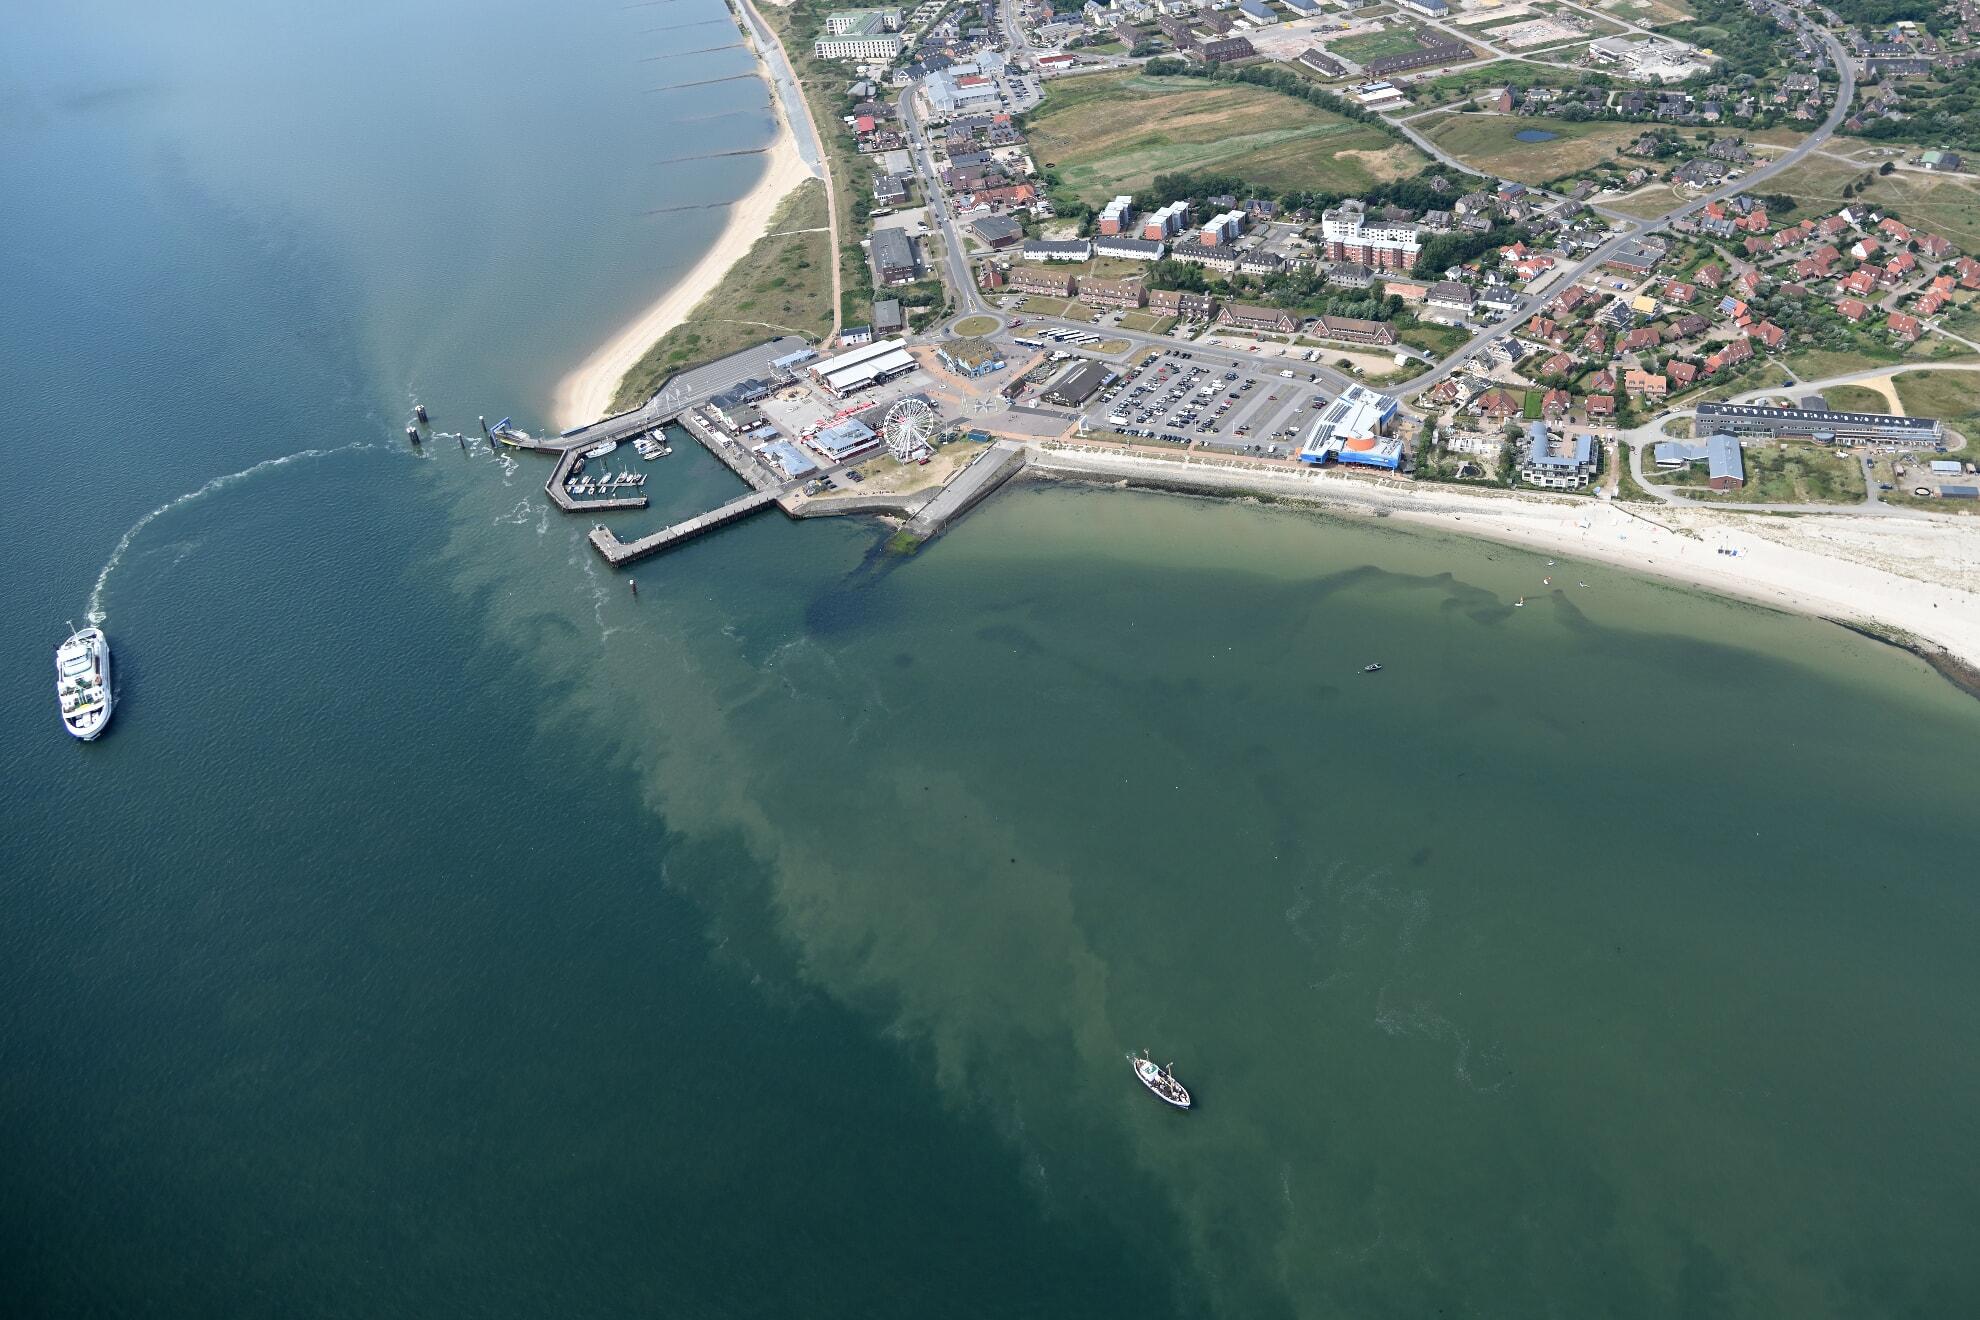 Hafen List auf Sylt